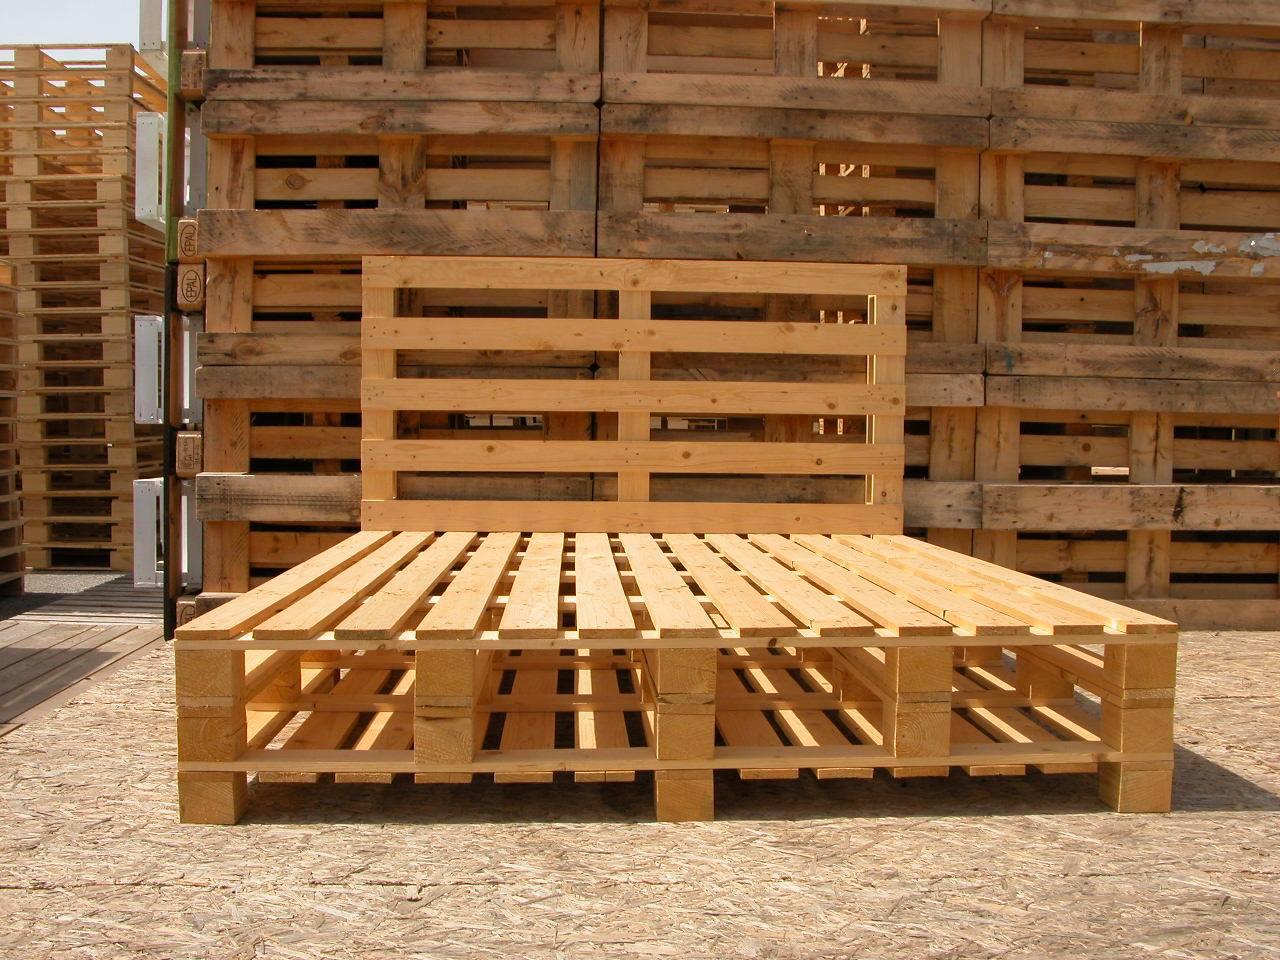 Letto in pallet 2 piazze piedi bassi mobili in pallet - Mobili fatti con pallets ...